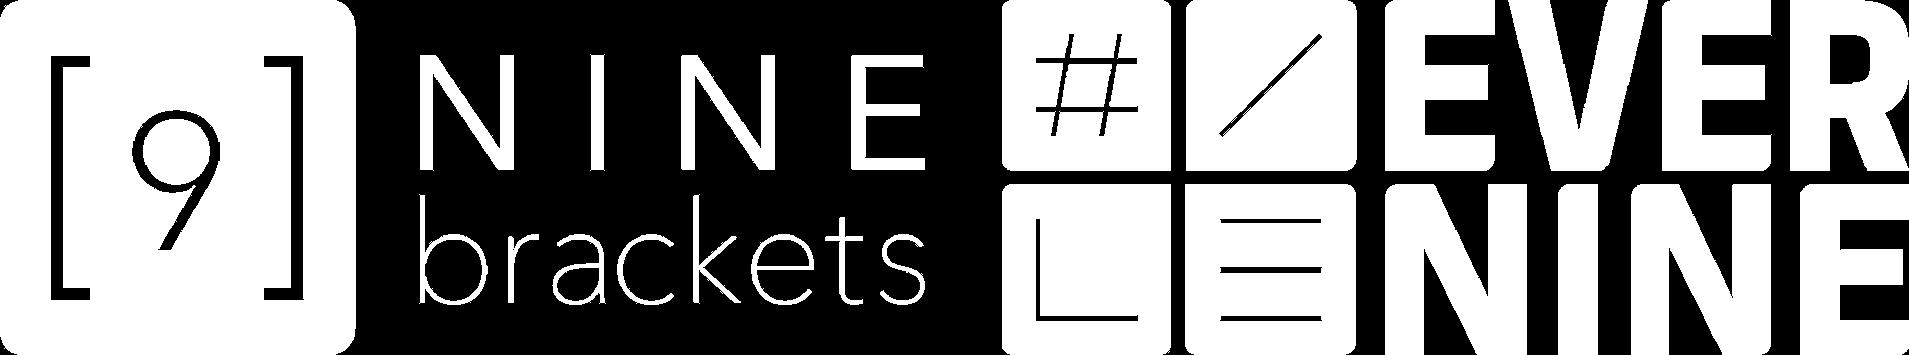 Ninebrakets-Evernine_Logo-2